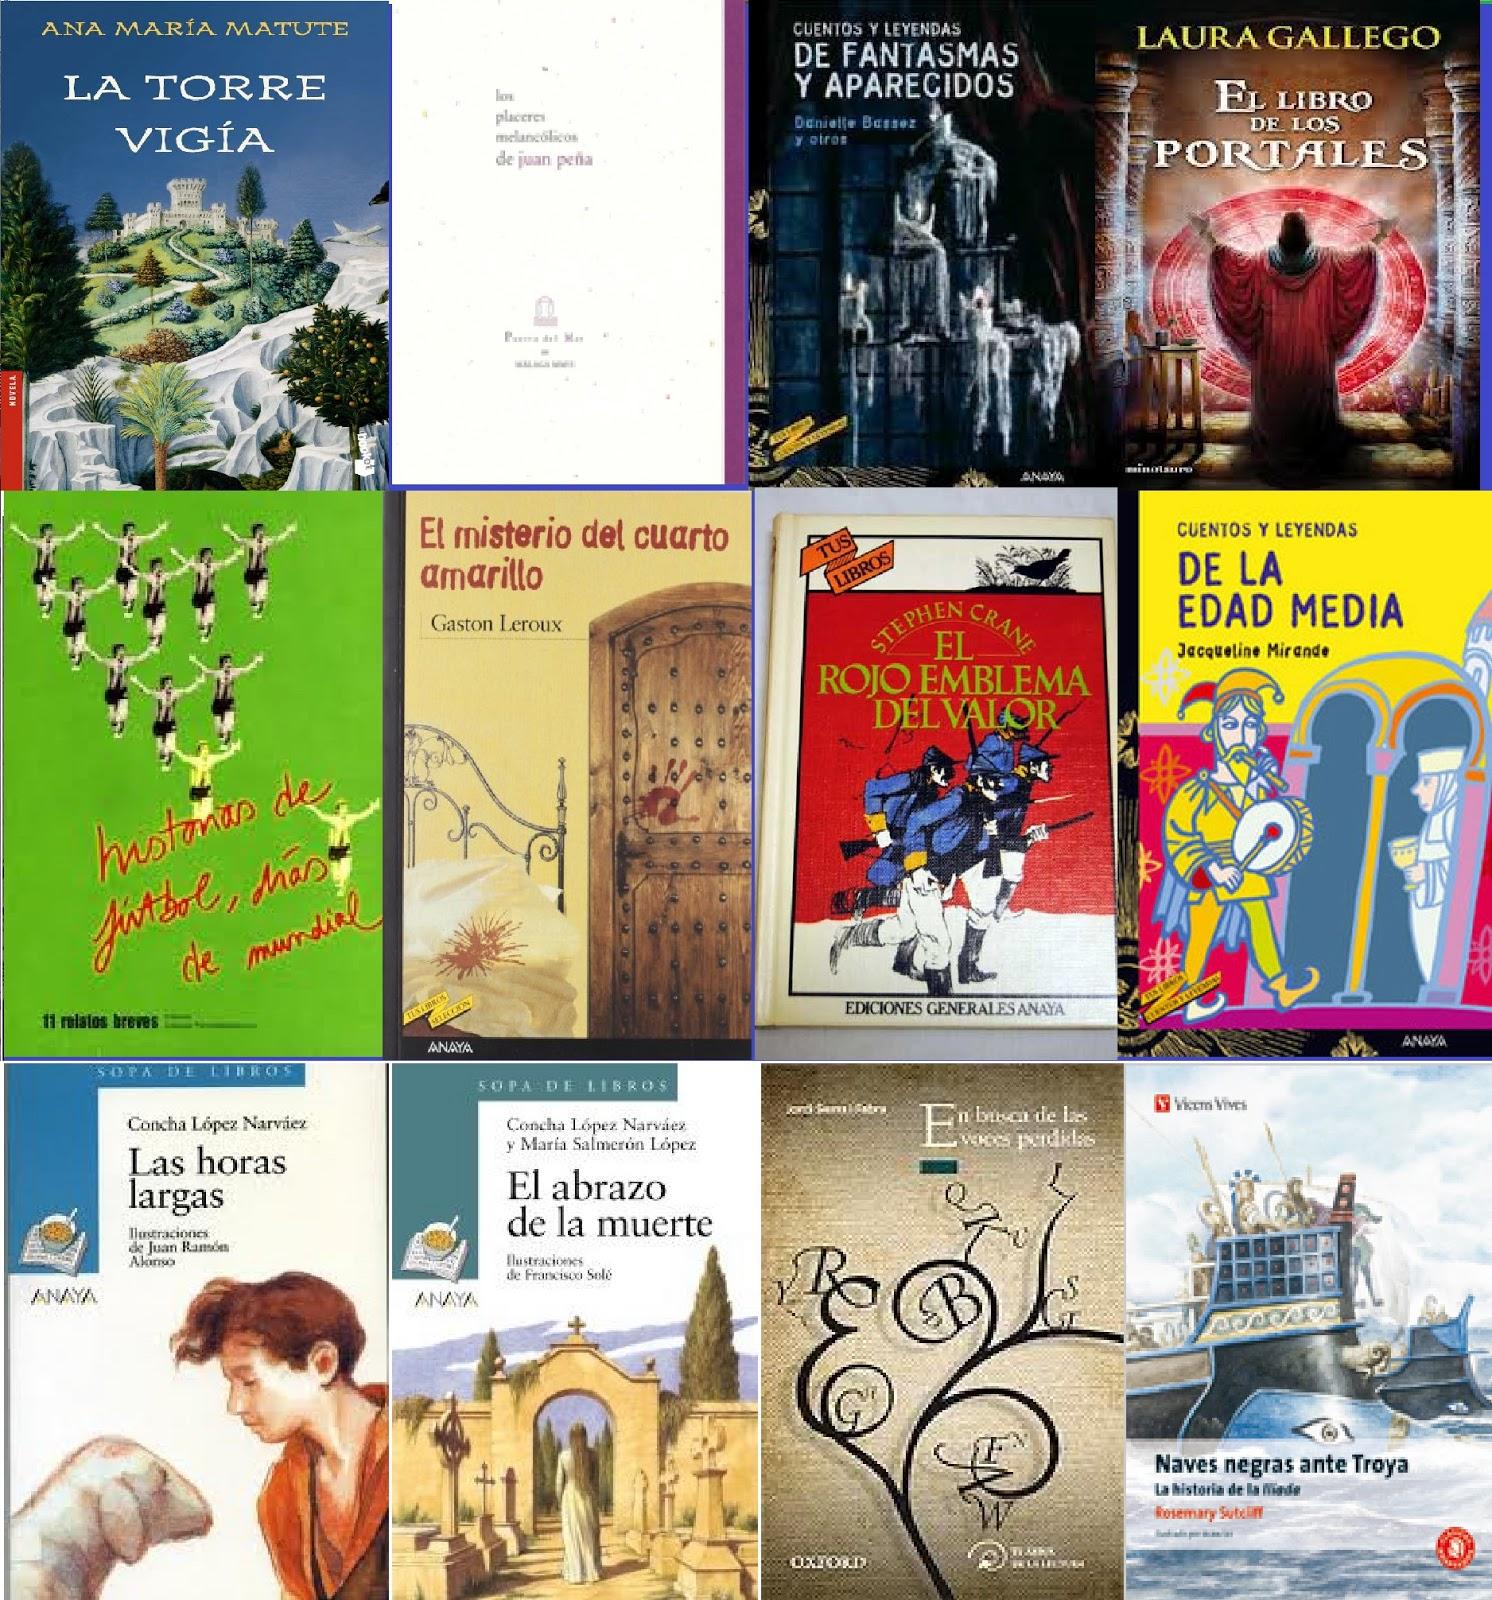 Biblioteca IES Profesor Tomás Hormigo. Library: Nuevos